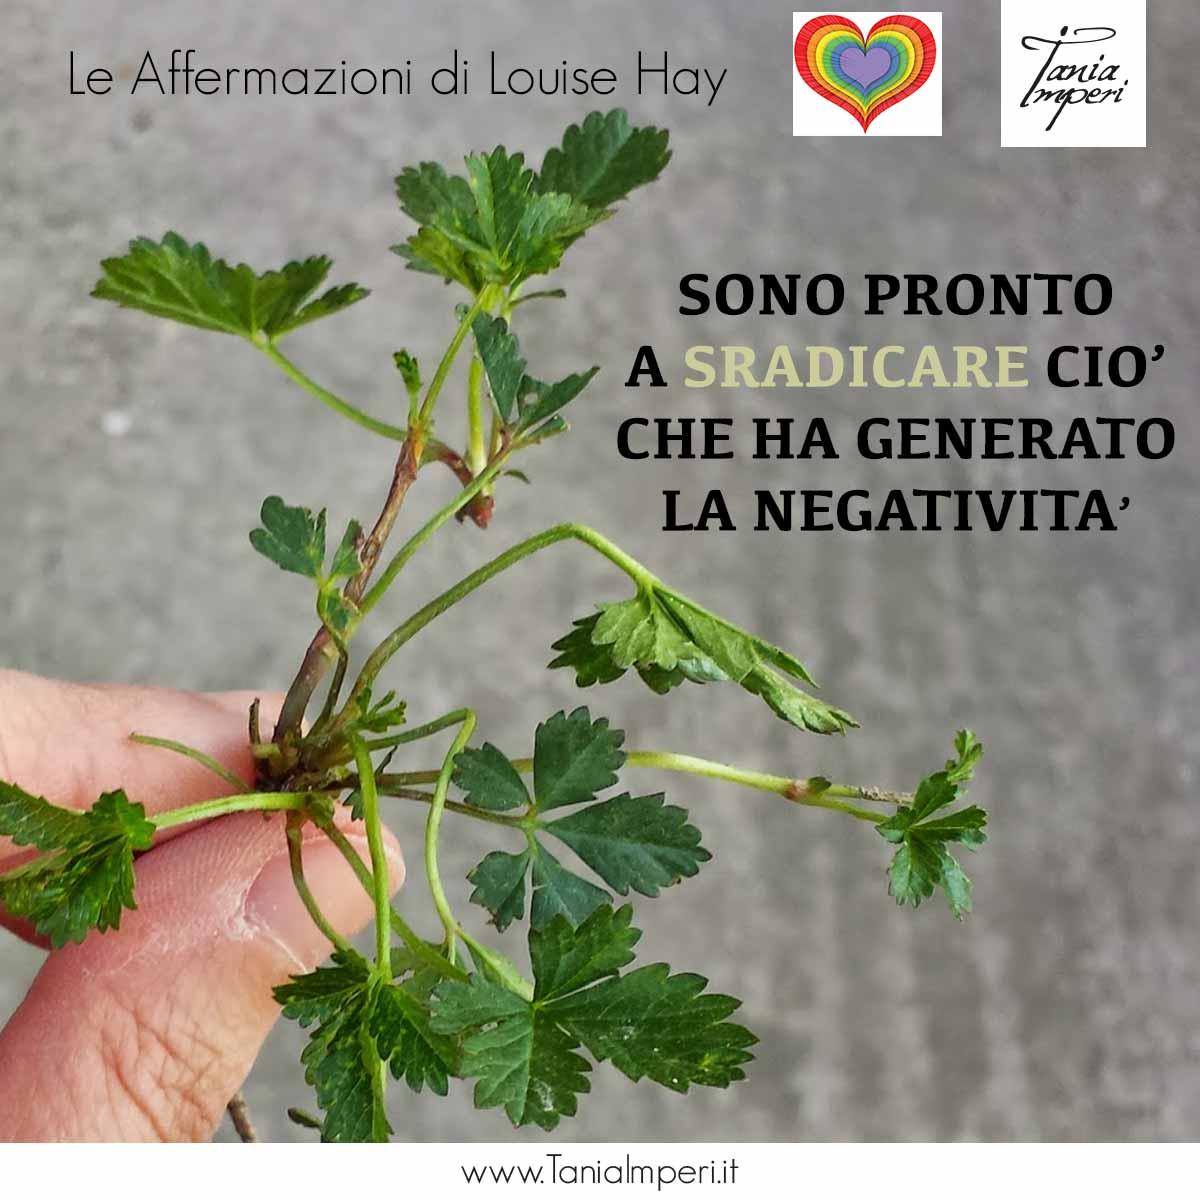 AFFERMAZIONI-DI-LOUISE-HAY-51-SONO-PROTO-A-SRADICARE-CIO'-CHE-HA.GENERATO-LA-NEGATIVITA'--19NOV2016